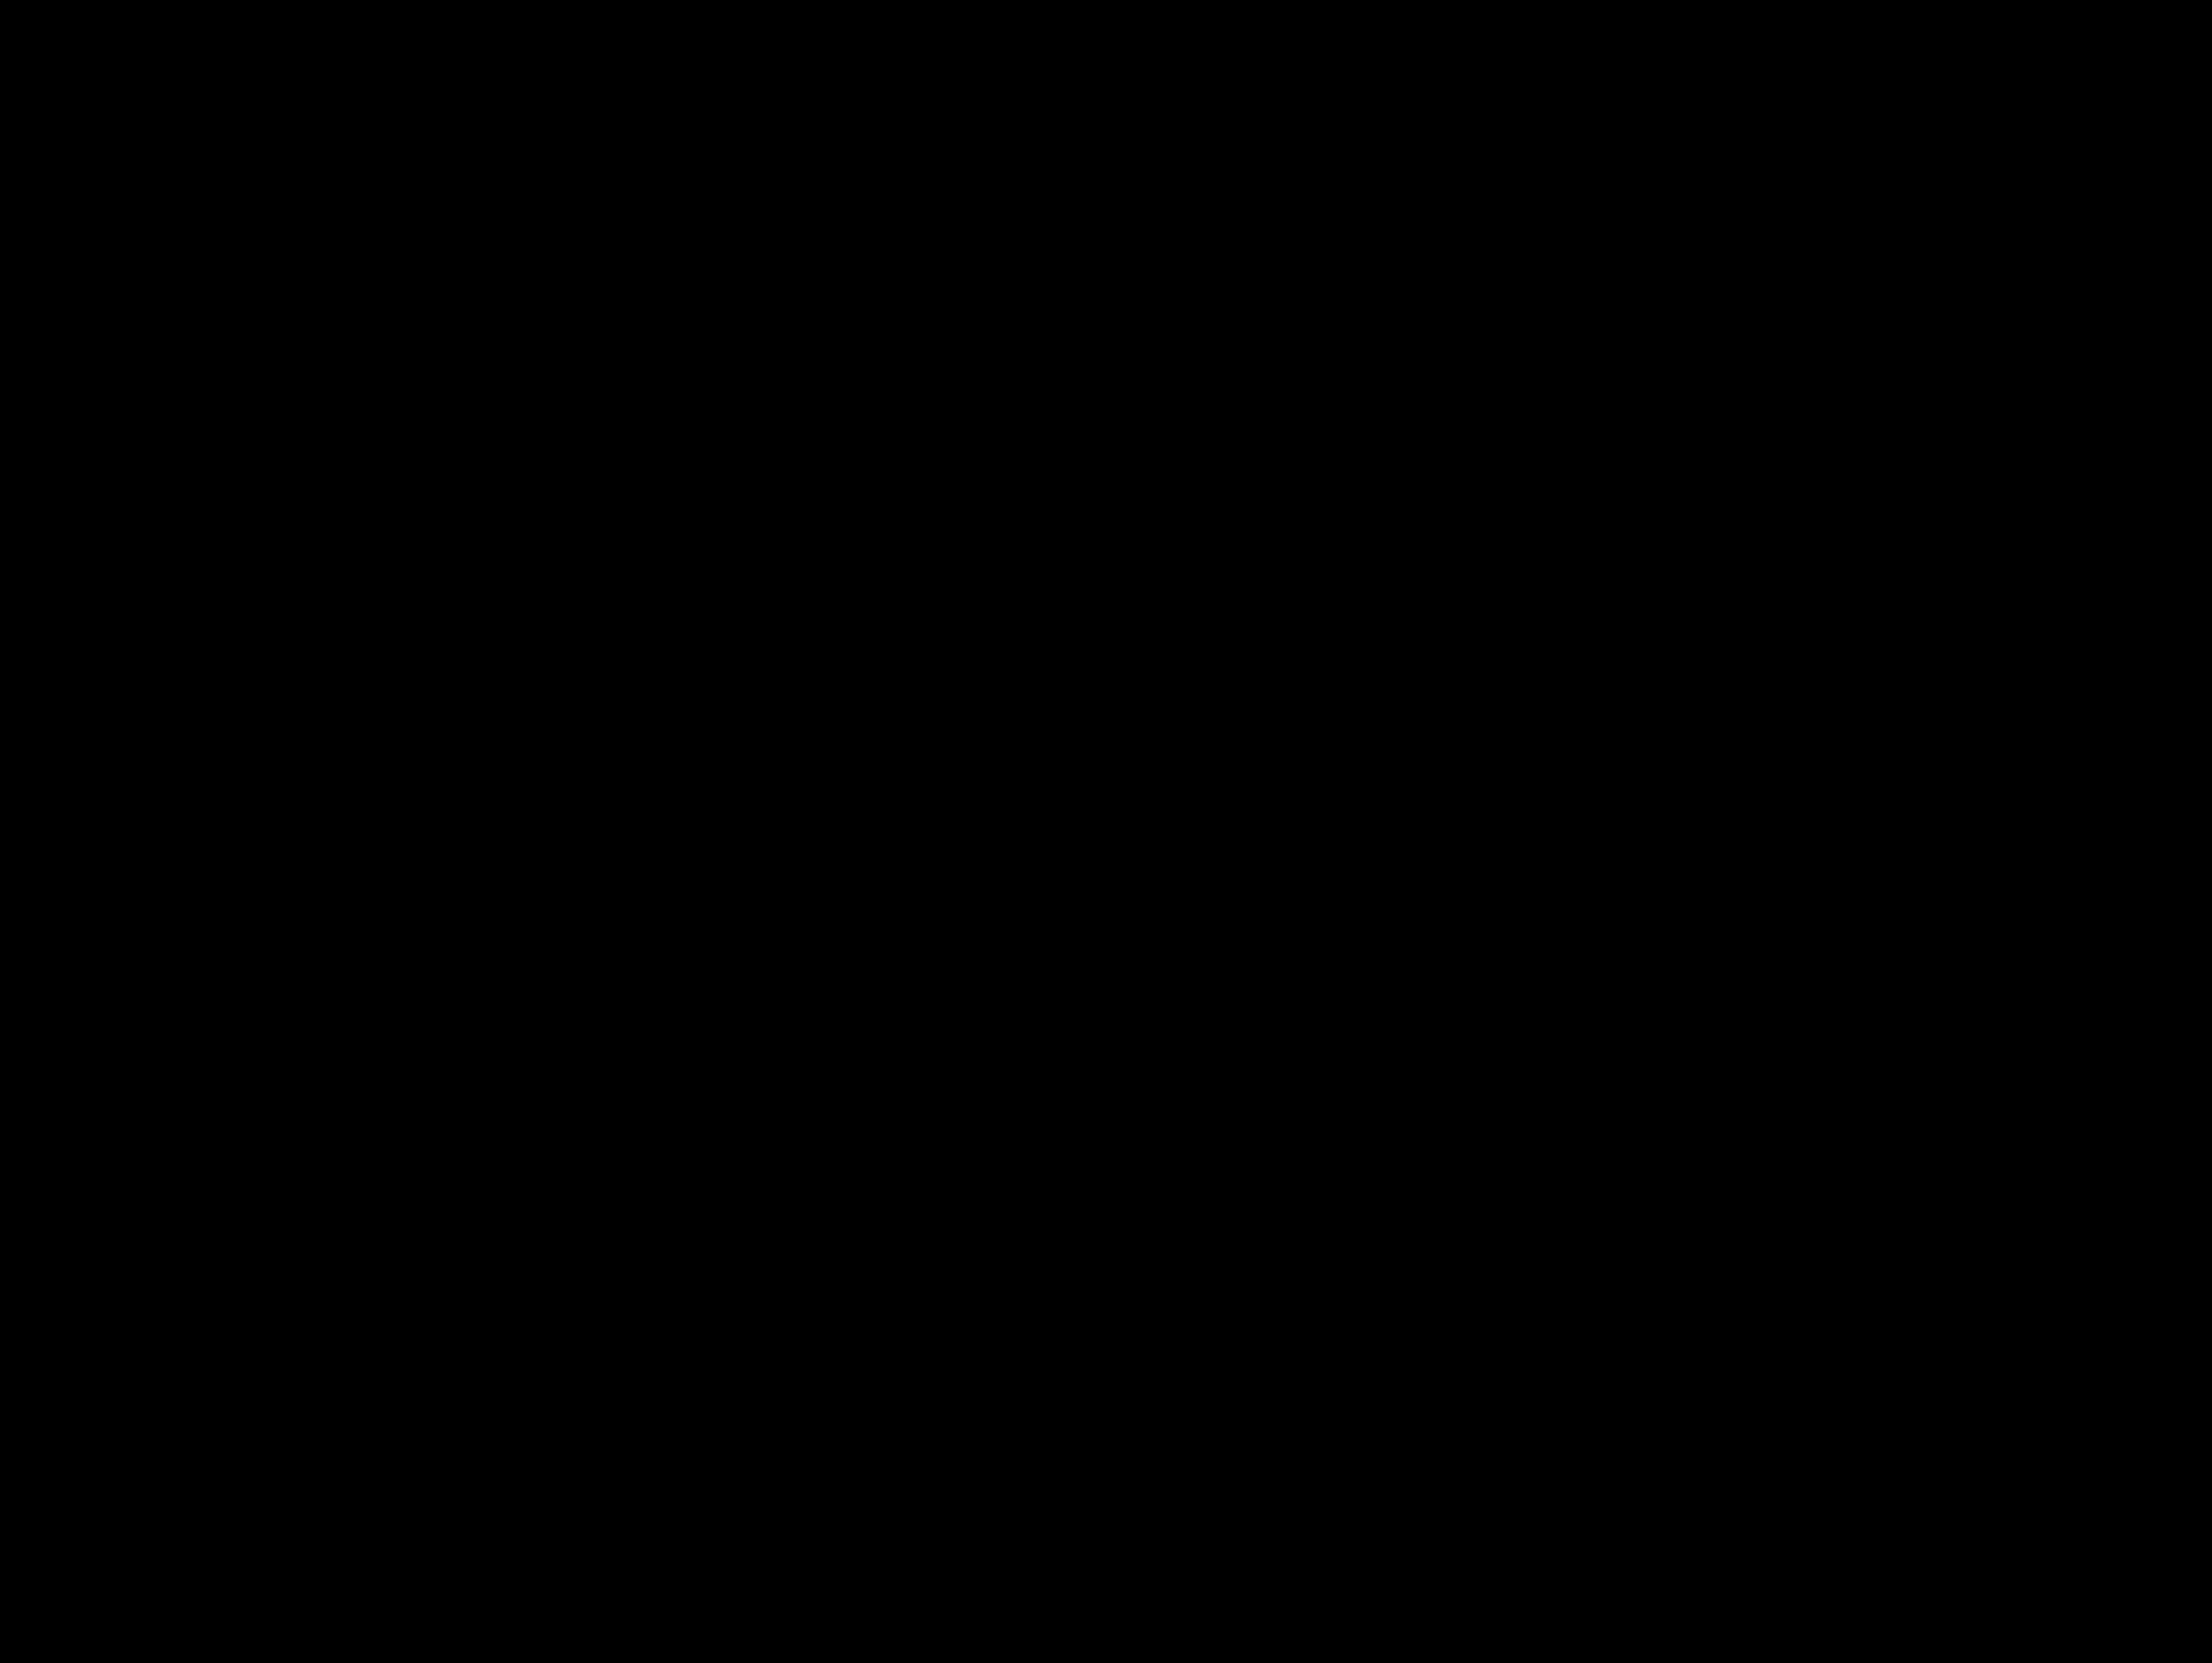 Die Landshuter Barthelmädult in vollem Gange